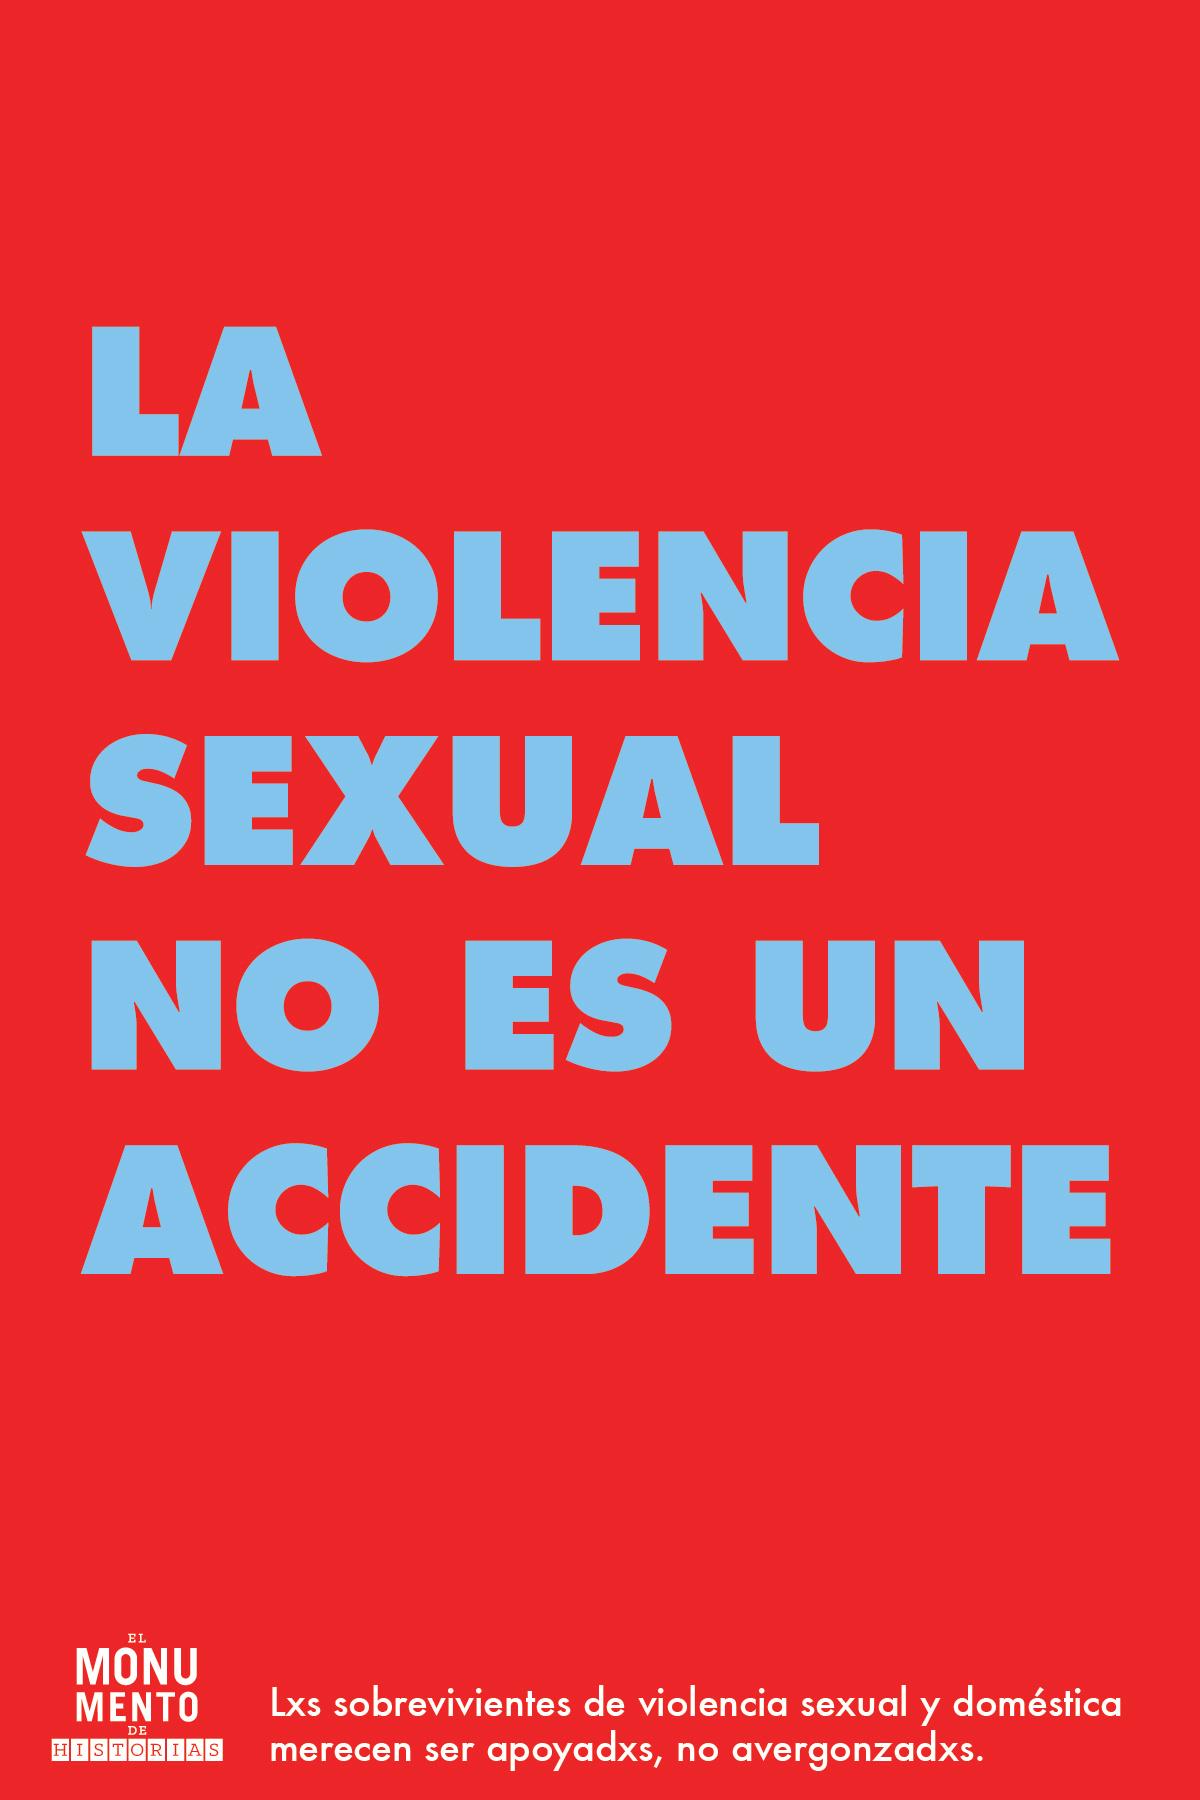 LA VIOLENCIA SEXUAL NO ES UN ACCIDEN